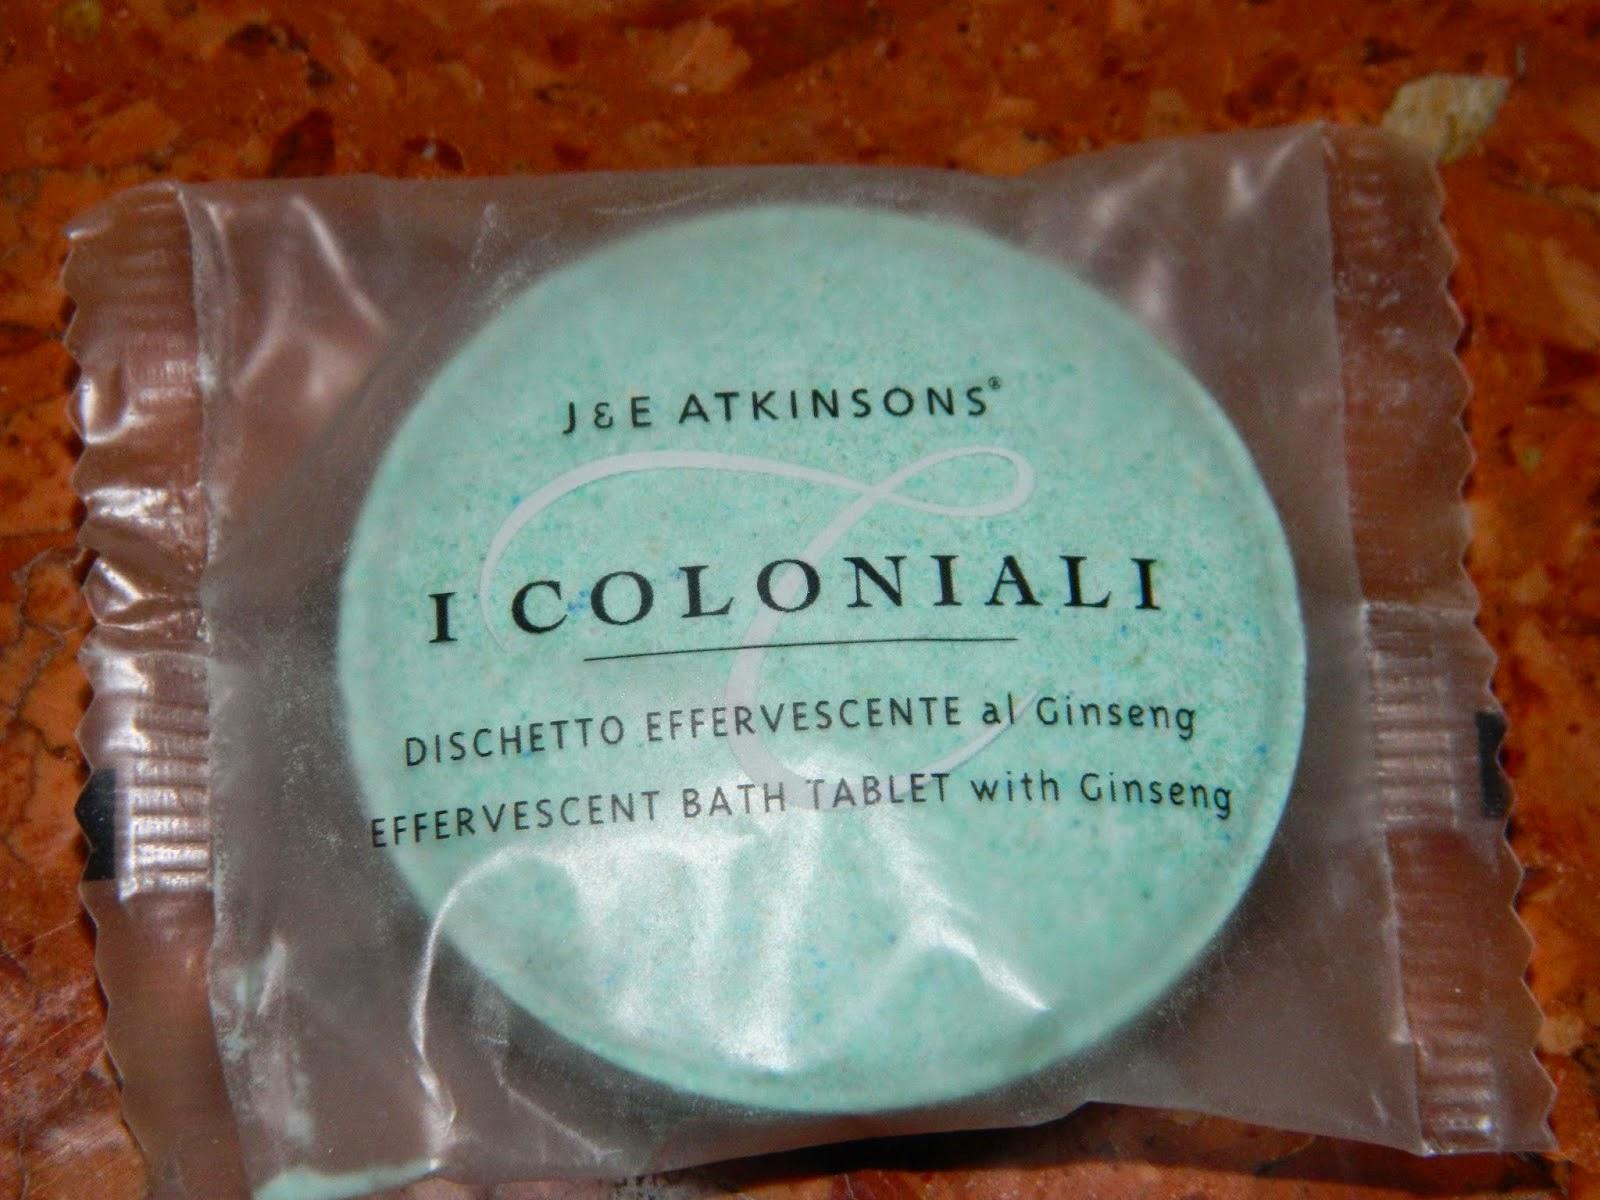 I COLONIALI - musująca tabletka do kąpieli z wyciągiem z żeń-szenia